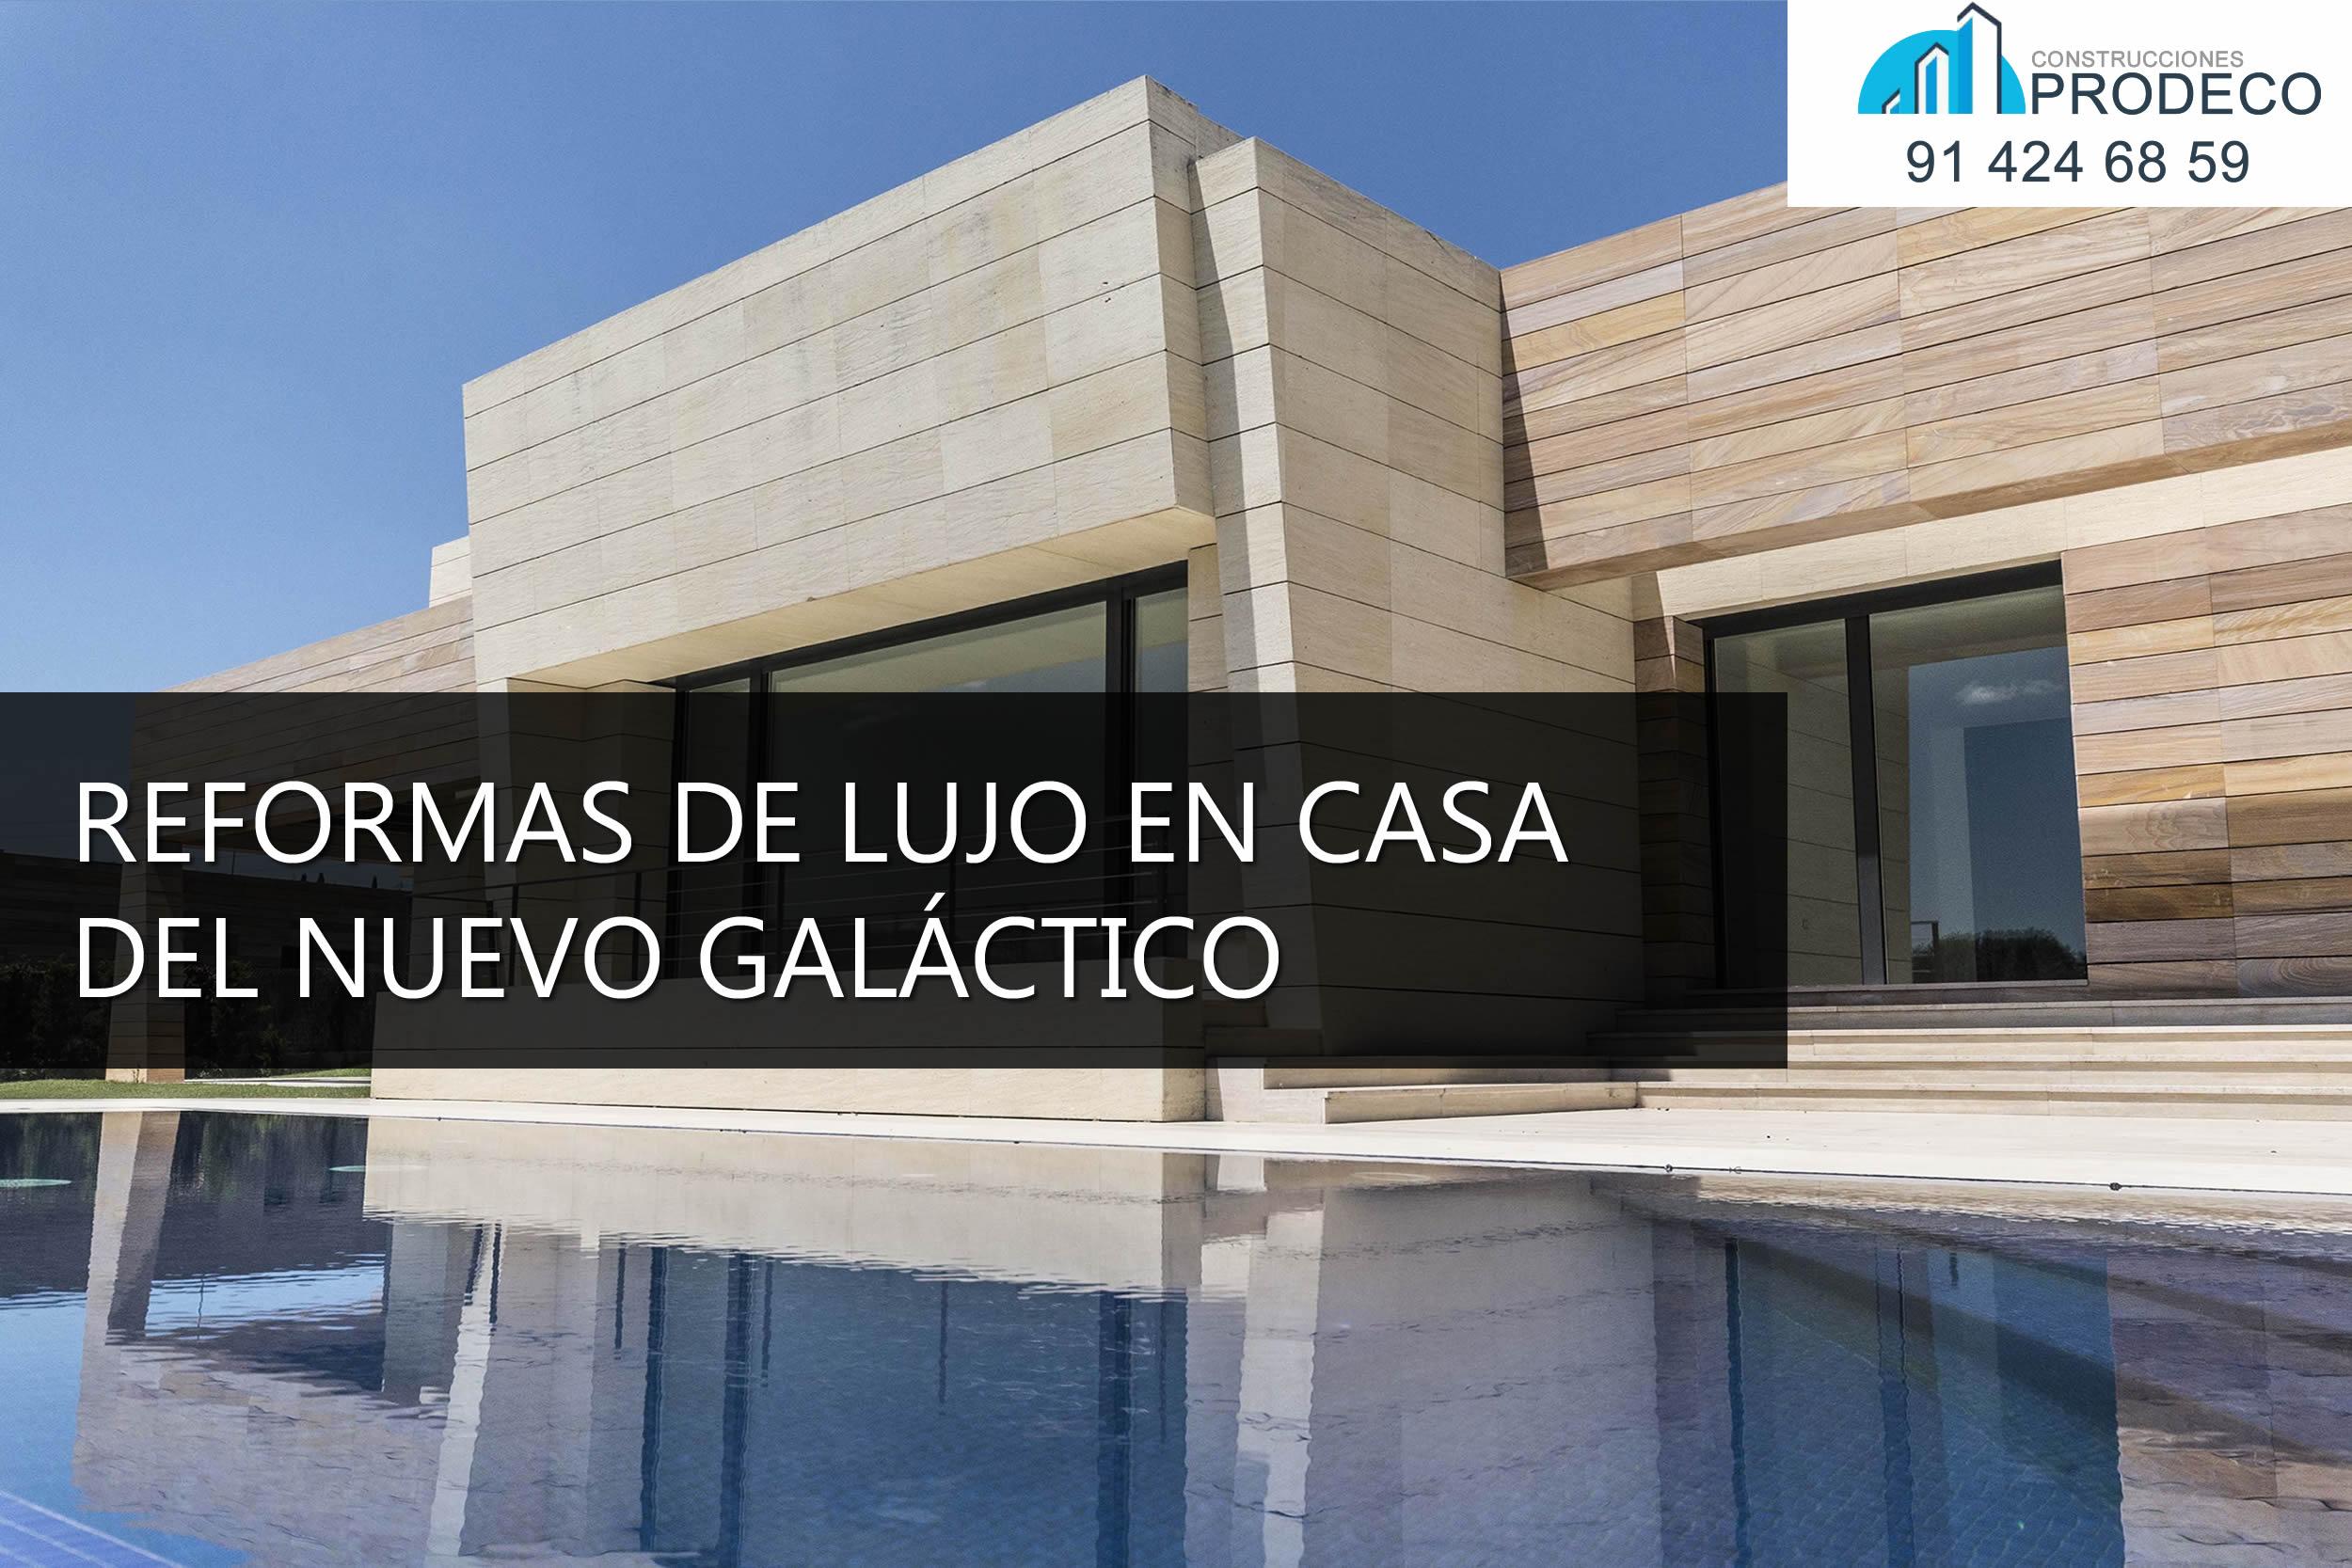 Reformas de Lujo en Casa del Nuevo Galáctico del Madrid